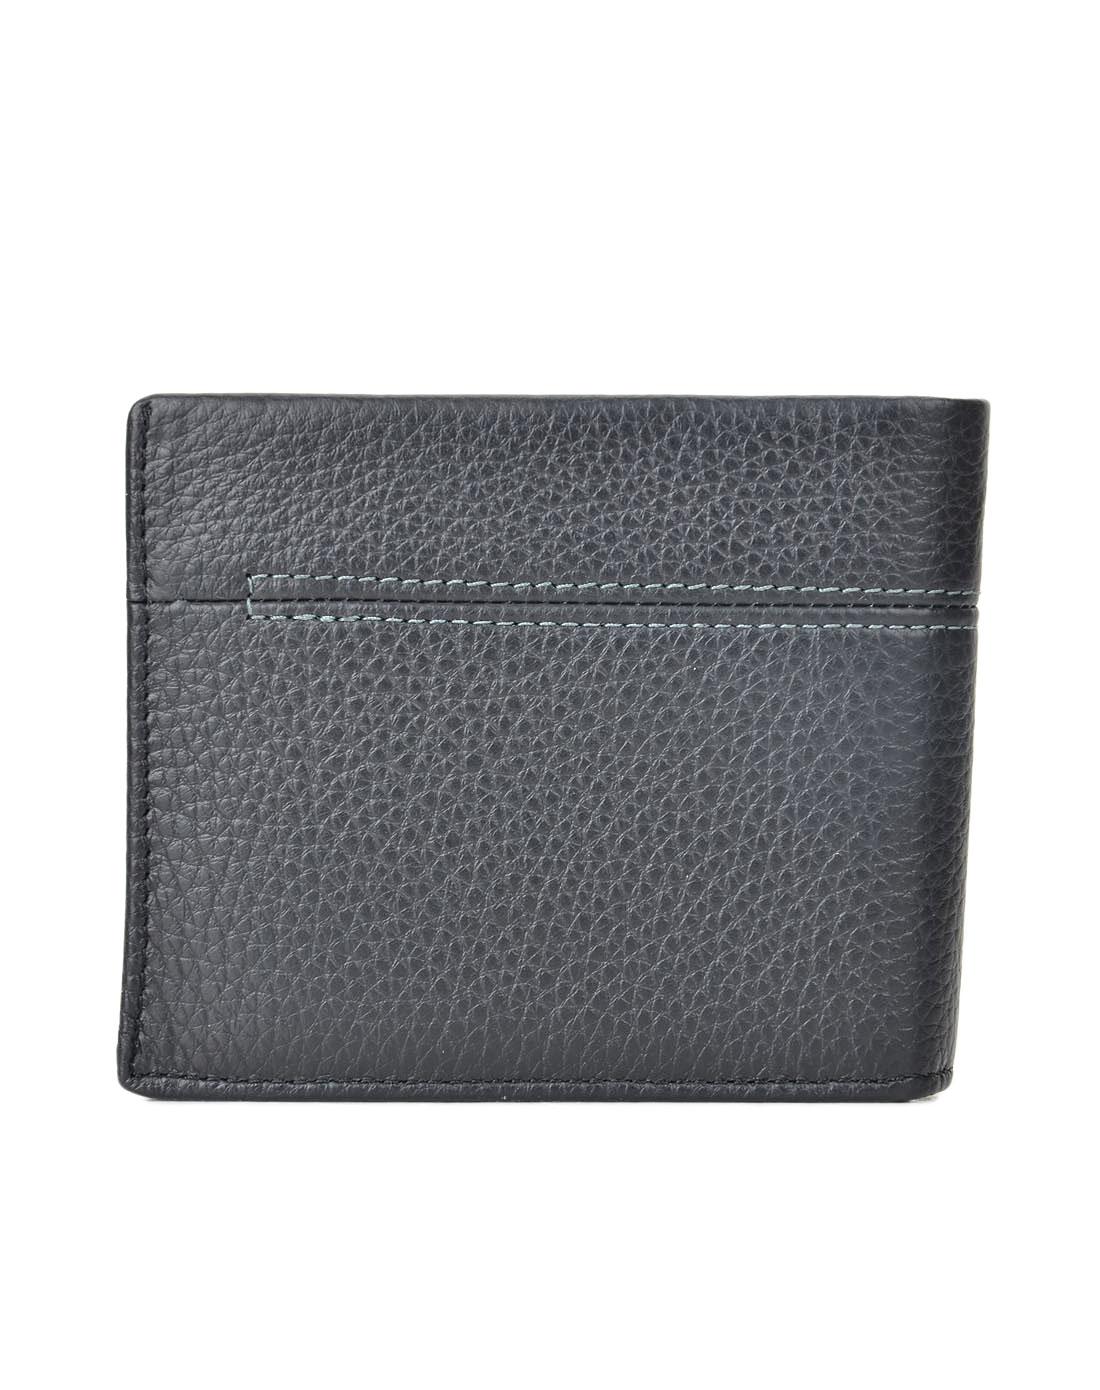 宾尼亚banlear黑色男士时尚钱包b82037-3-黑色